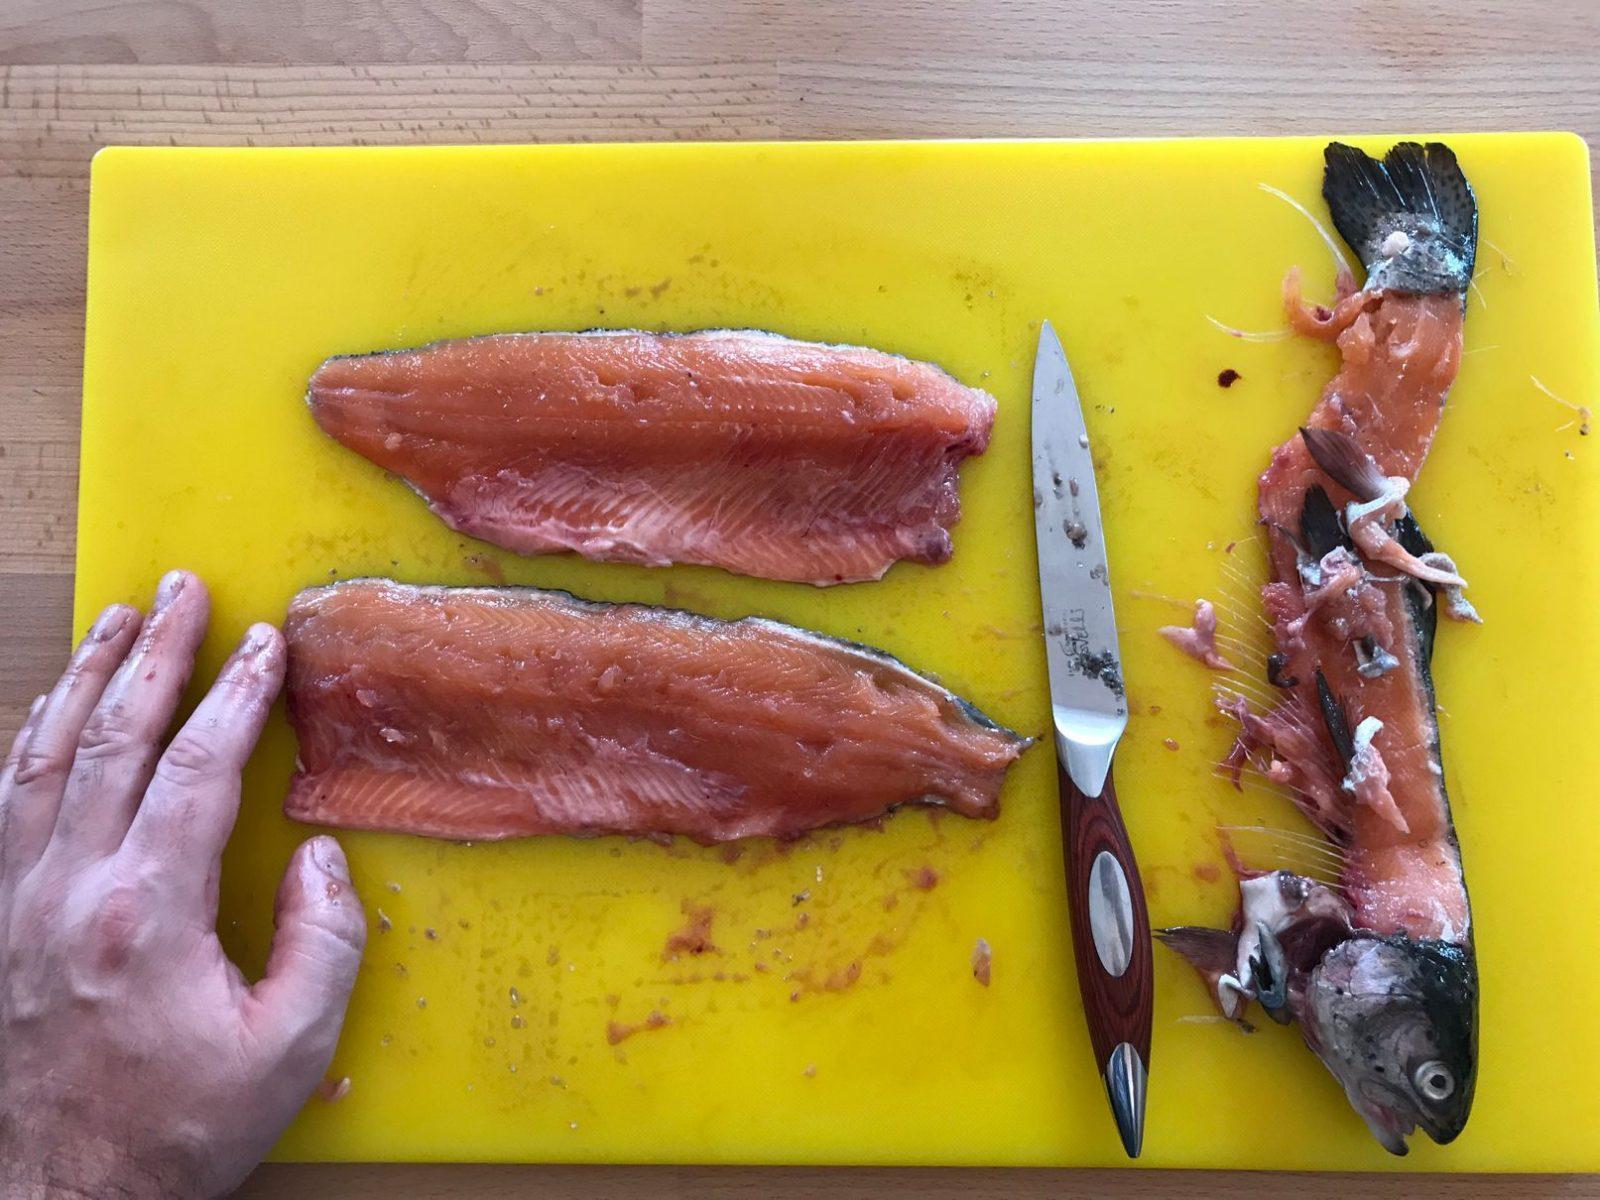 filleting fish at Corran Academy